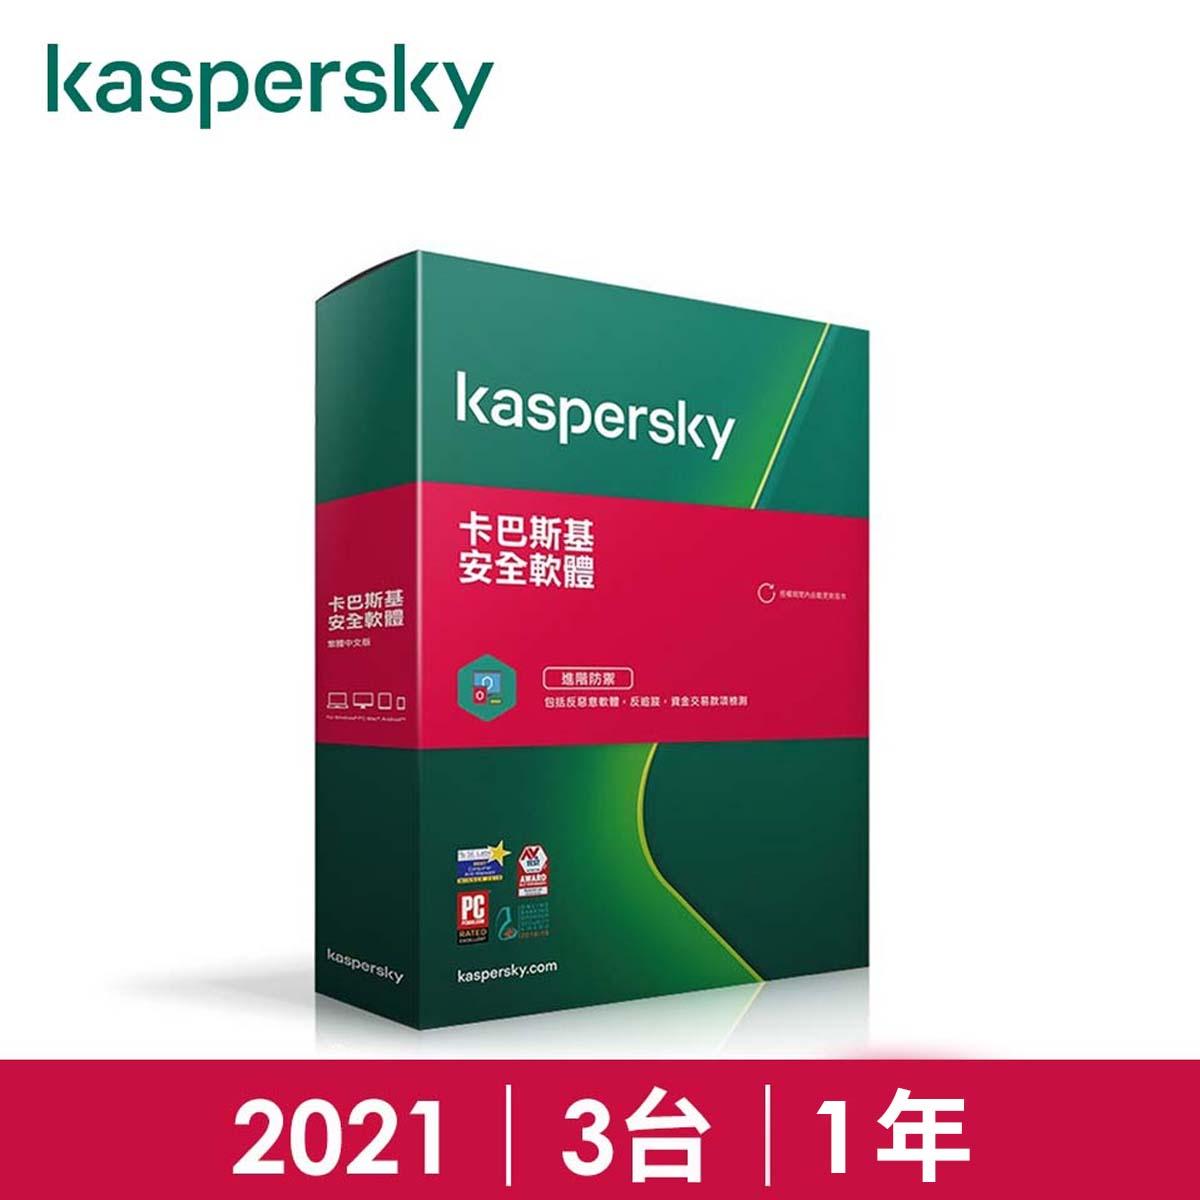 卡巴斯基 2021安全軟體 3台1年 2021KIS 3D1Y盒裝